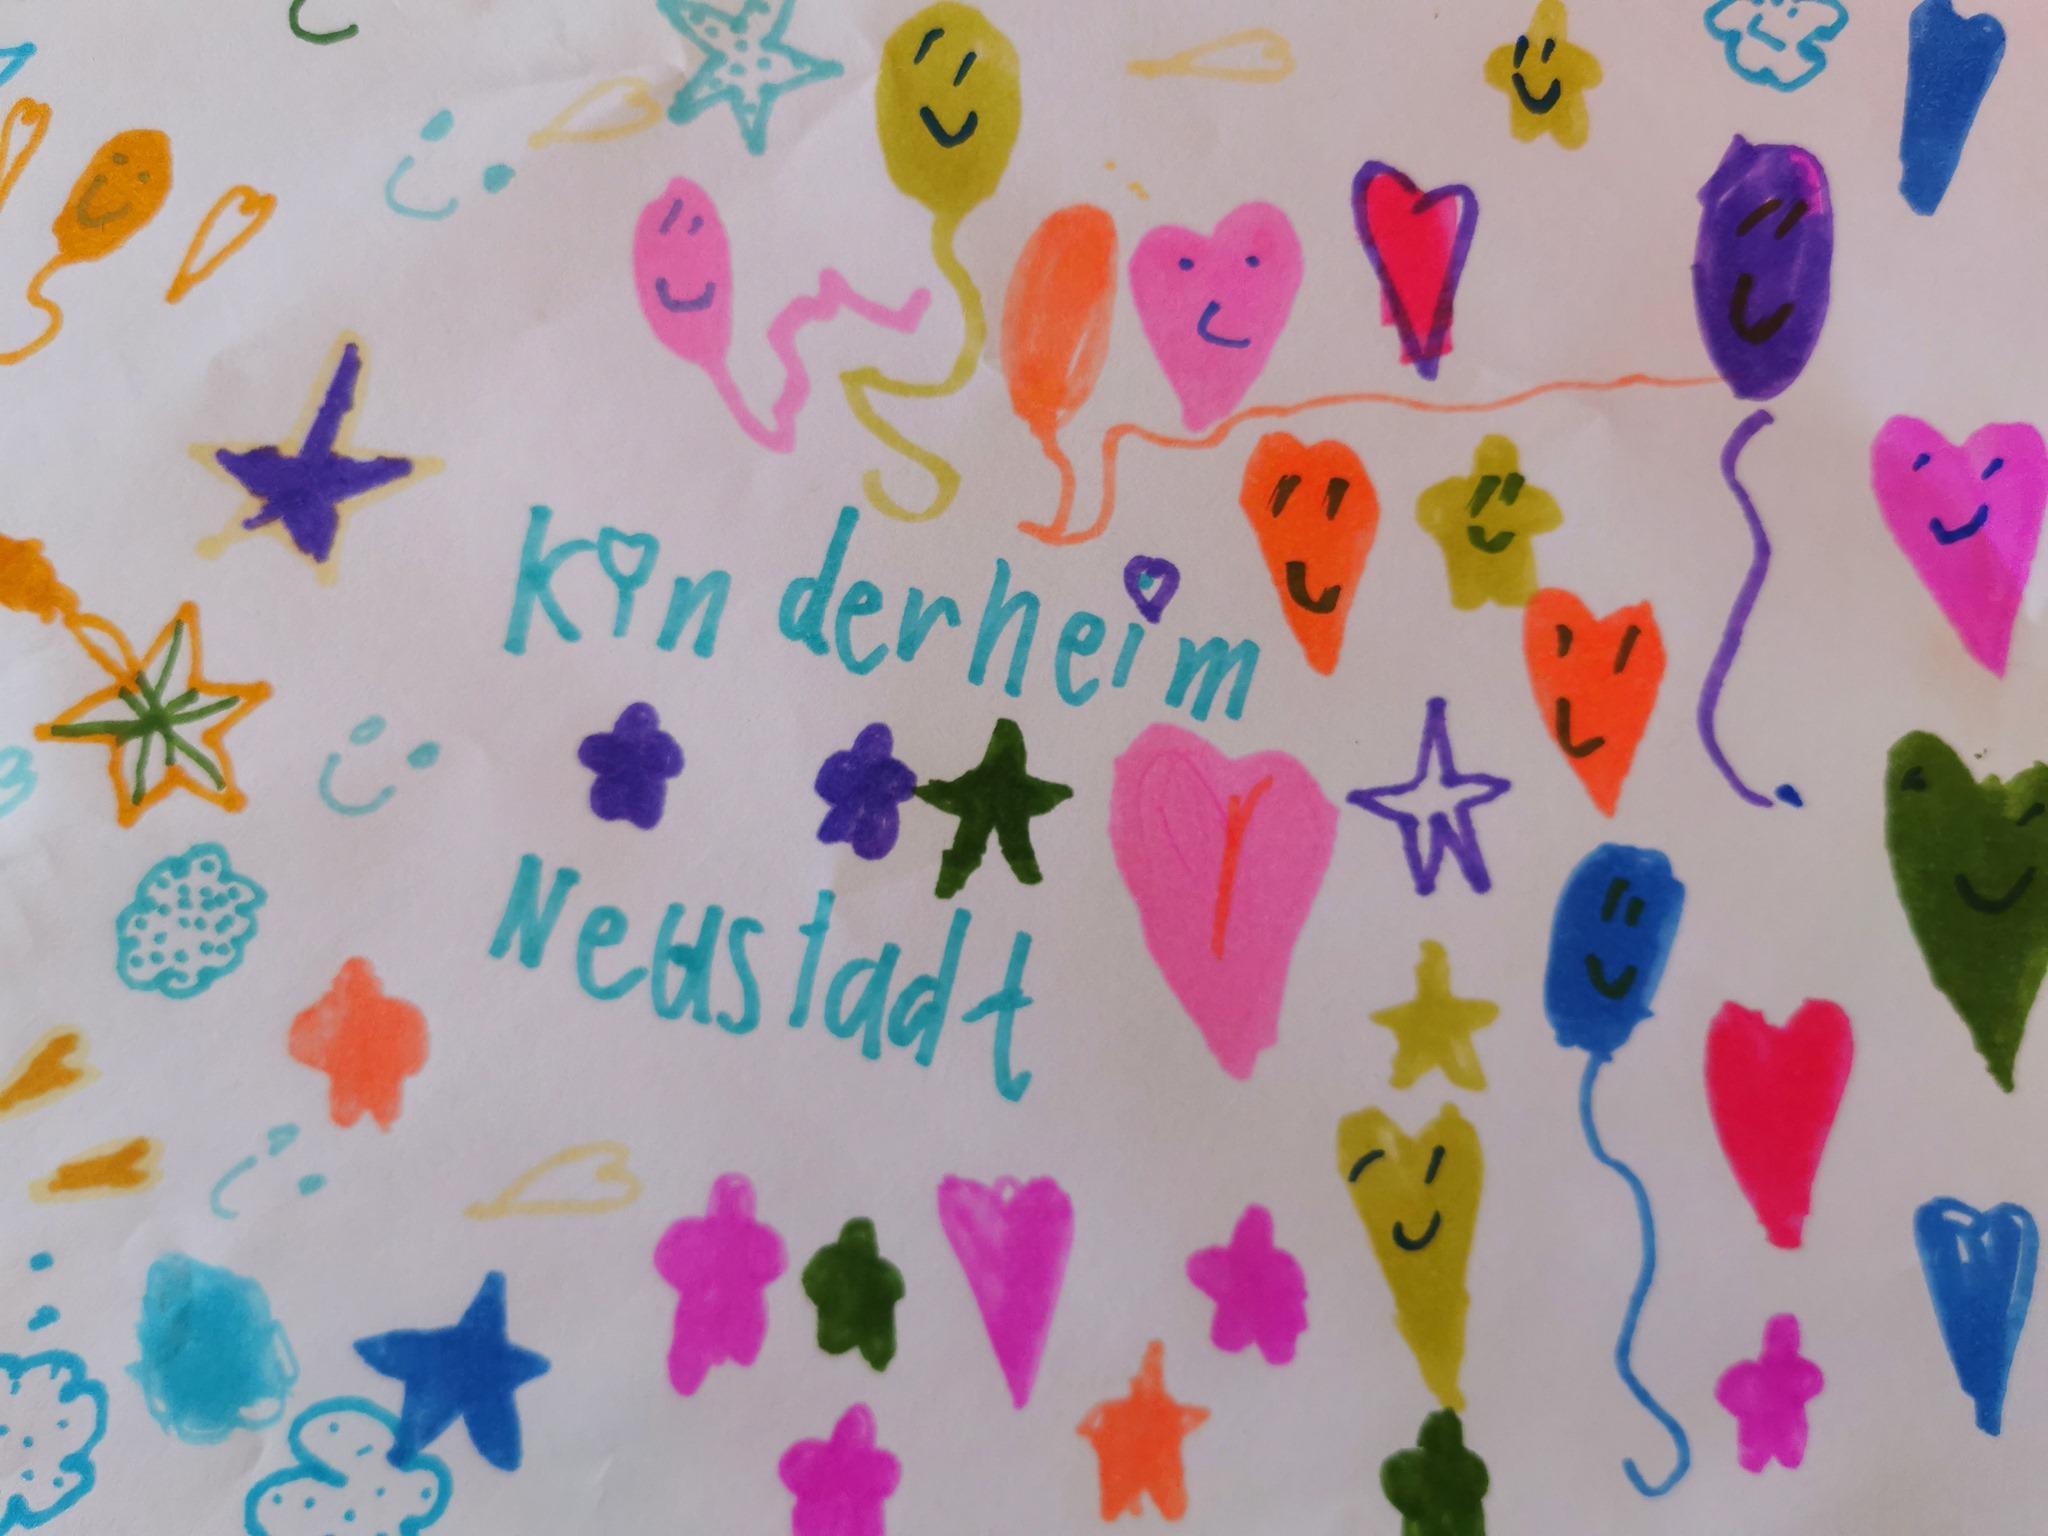 Kinderheim Neustadt am Rennsteig